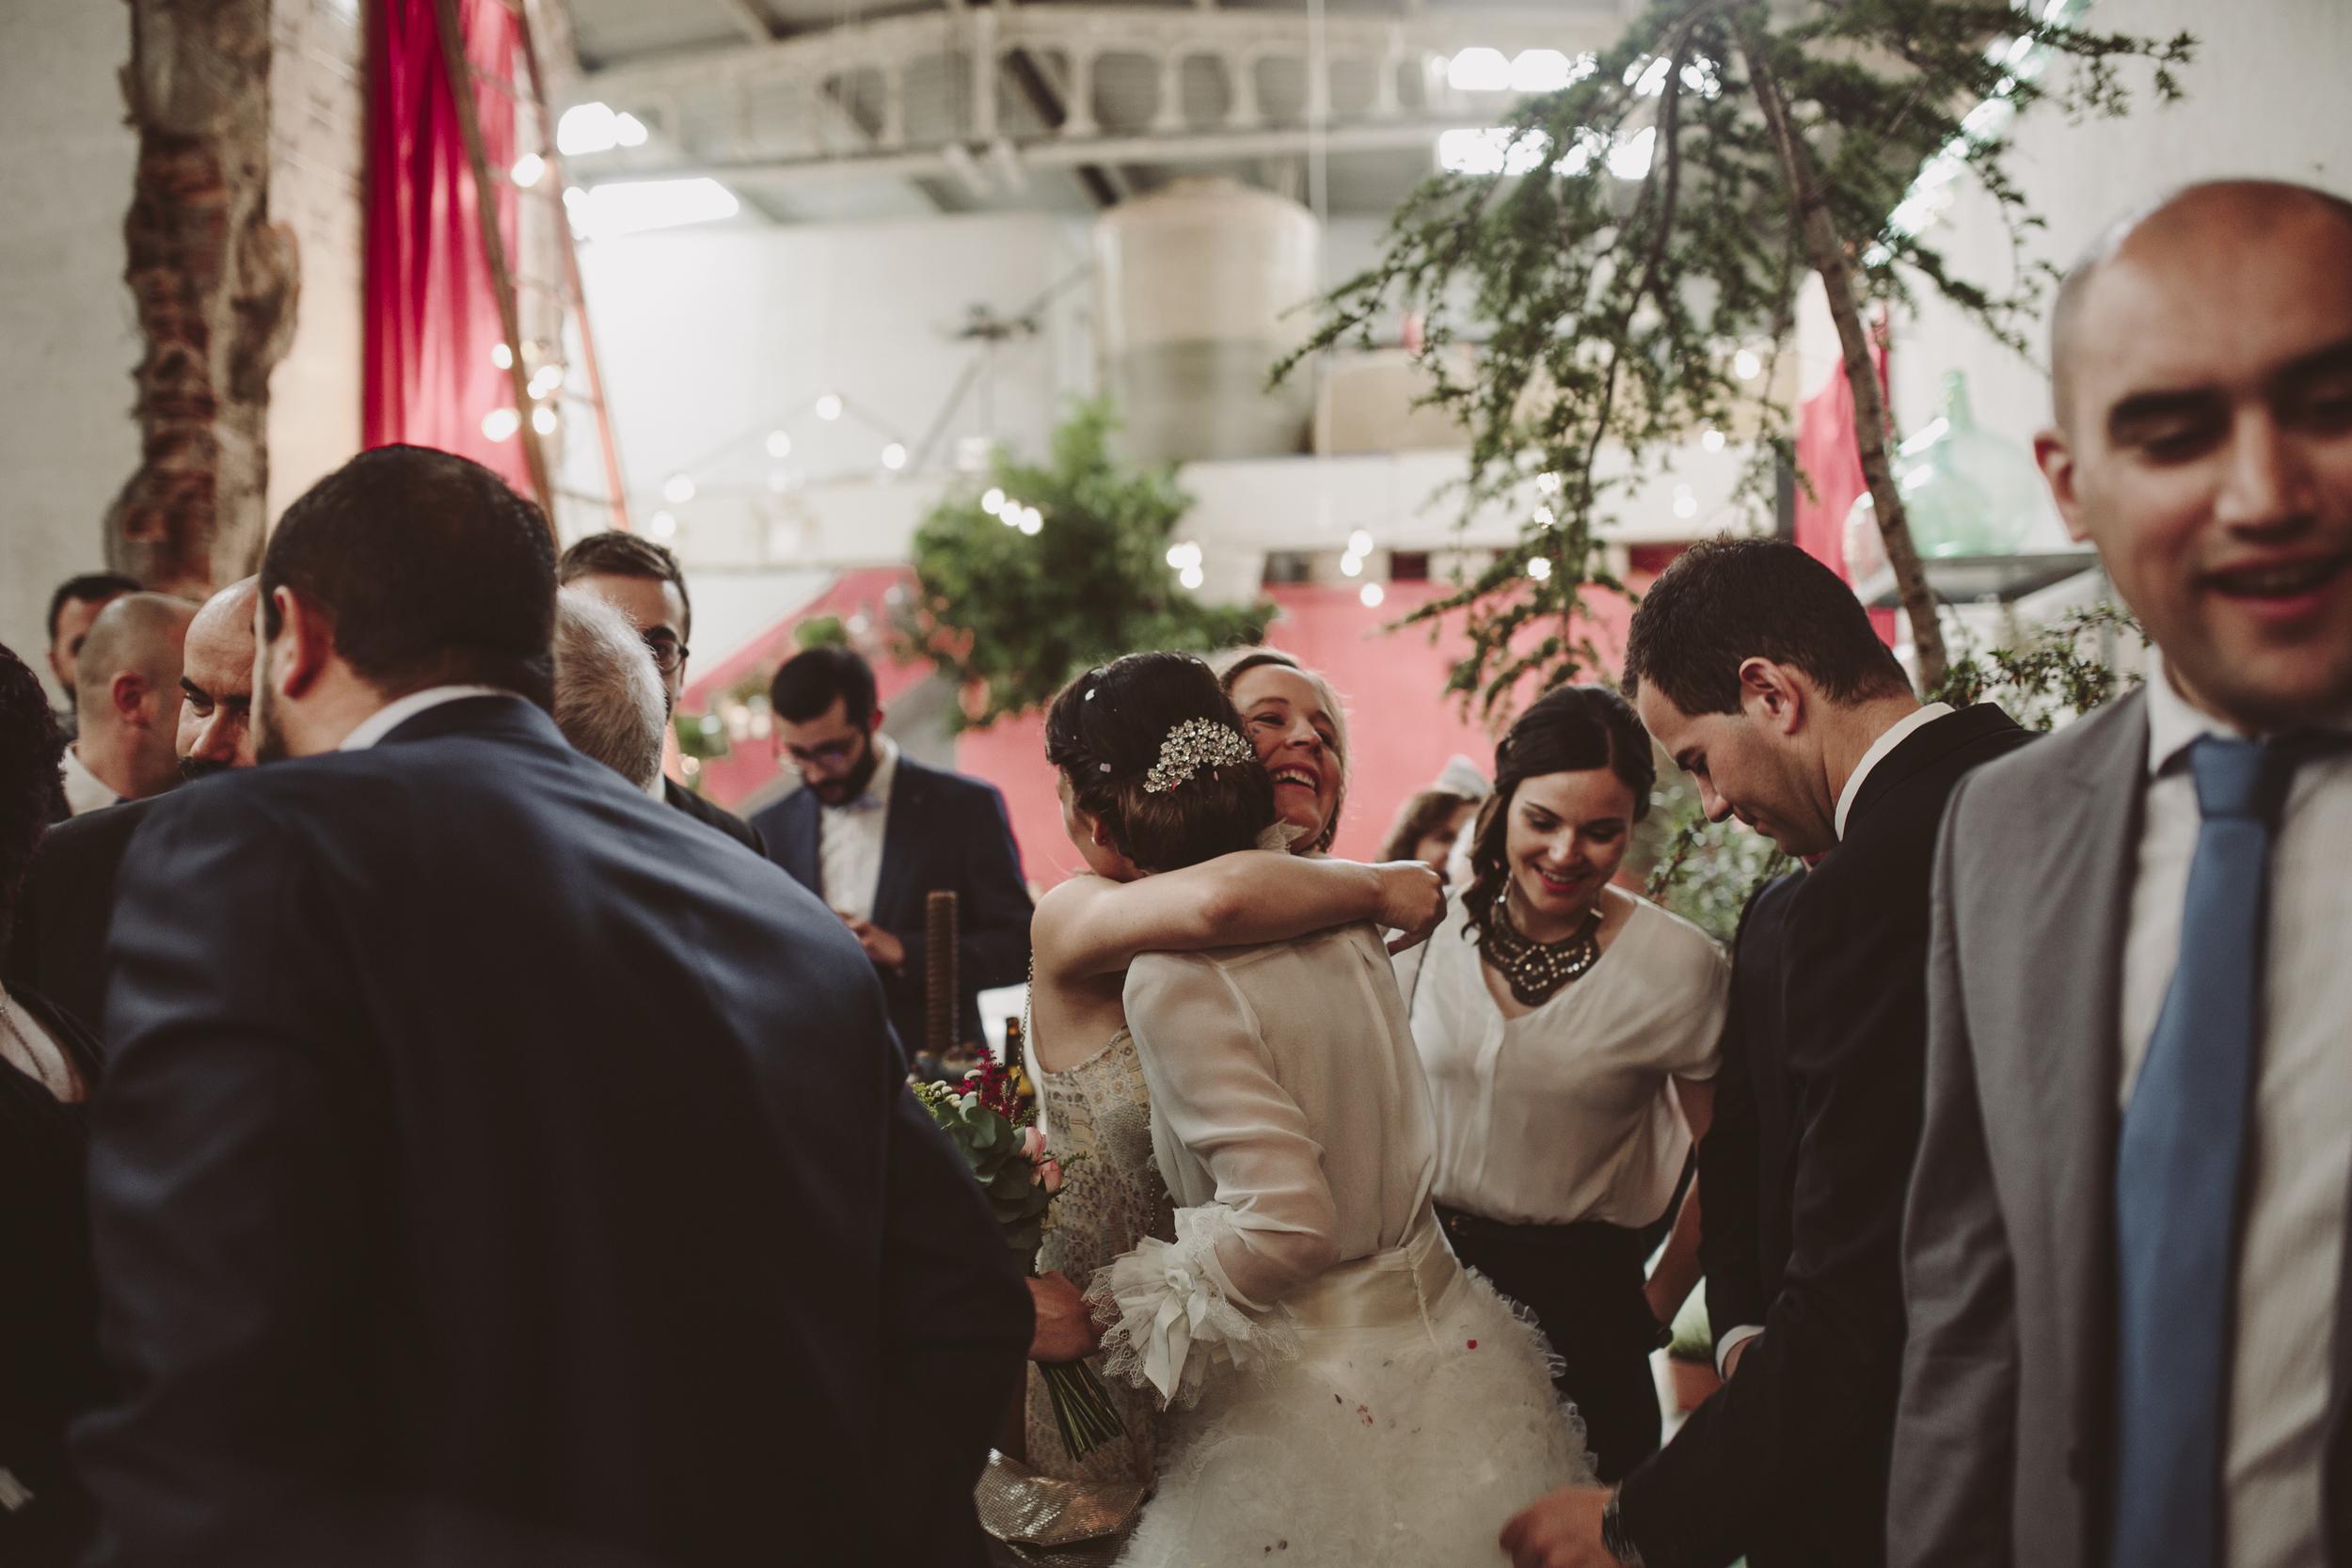 Fotografo bodas Pontevedra Graciela Vilagudin 632.jpg